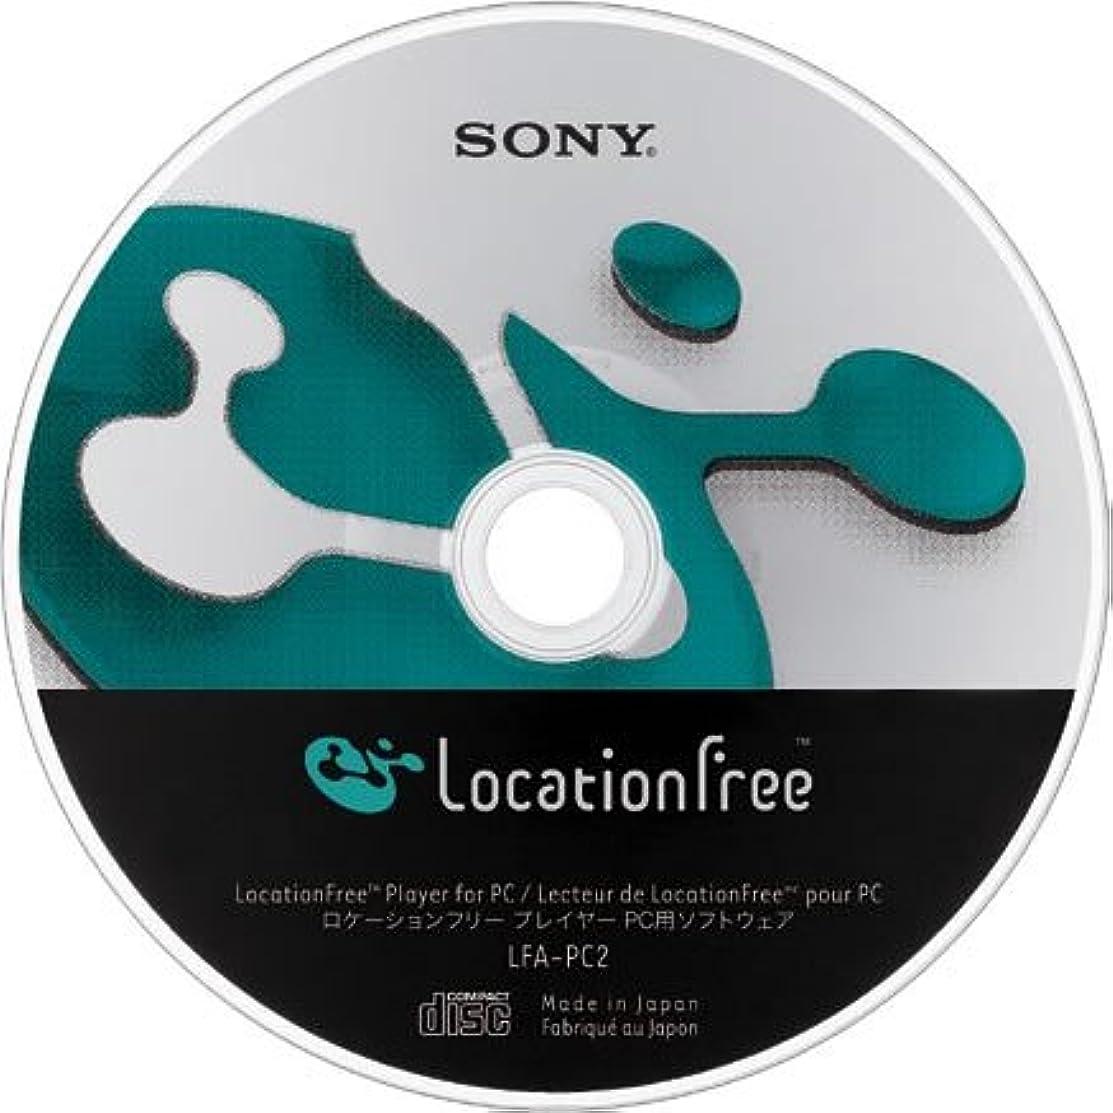 アーサーねじれあいまいさソニー ロケーションフリープレイヤーPC用CD LFA-PC2